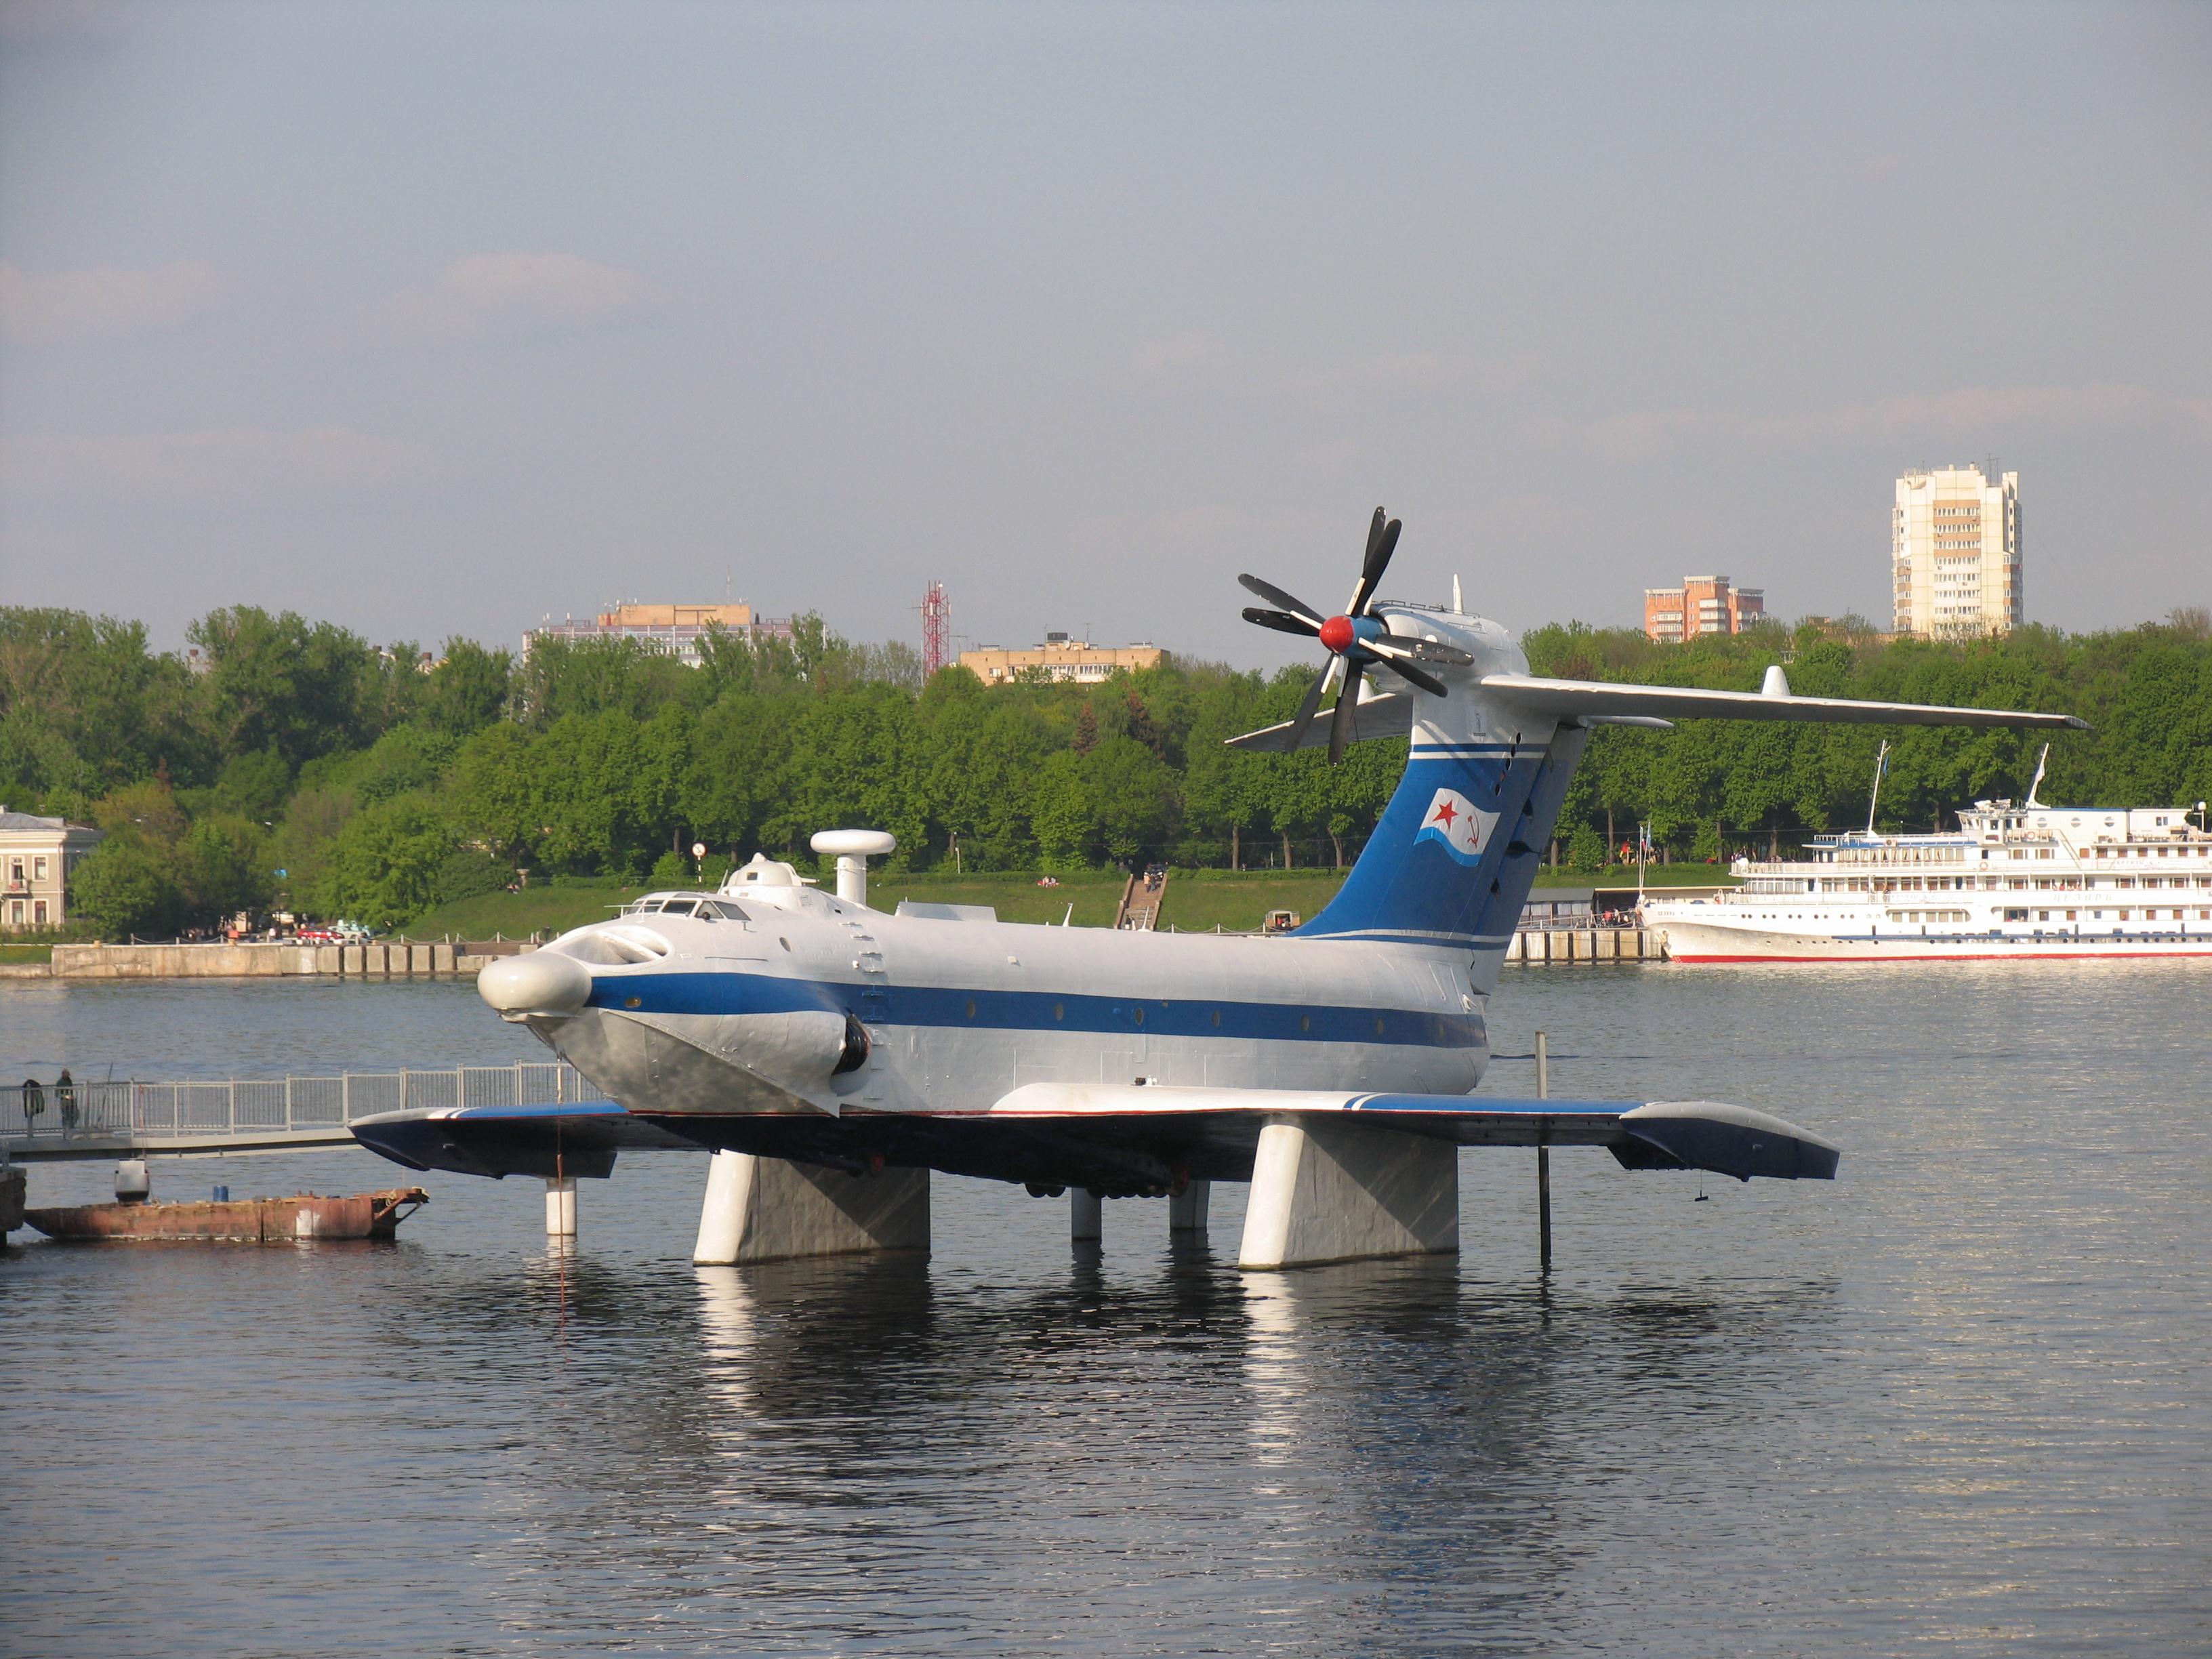 Финляндия из санкт петербурга 2 выходных дня